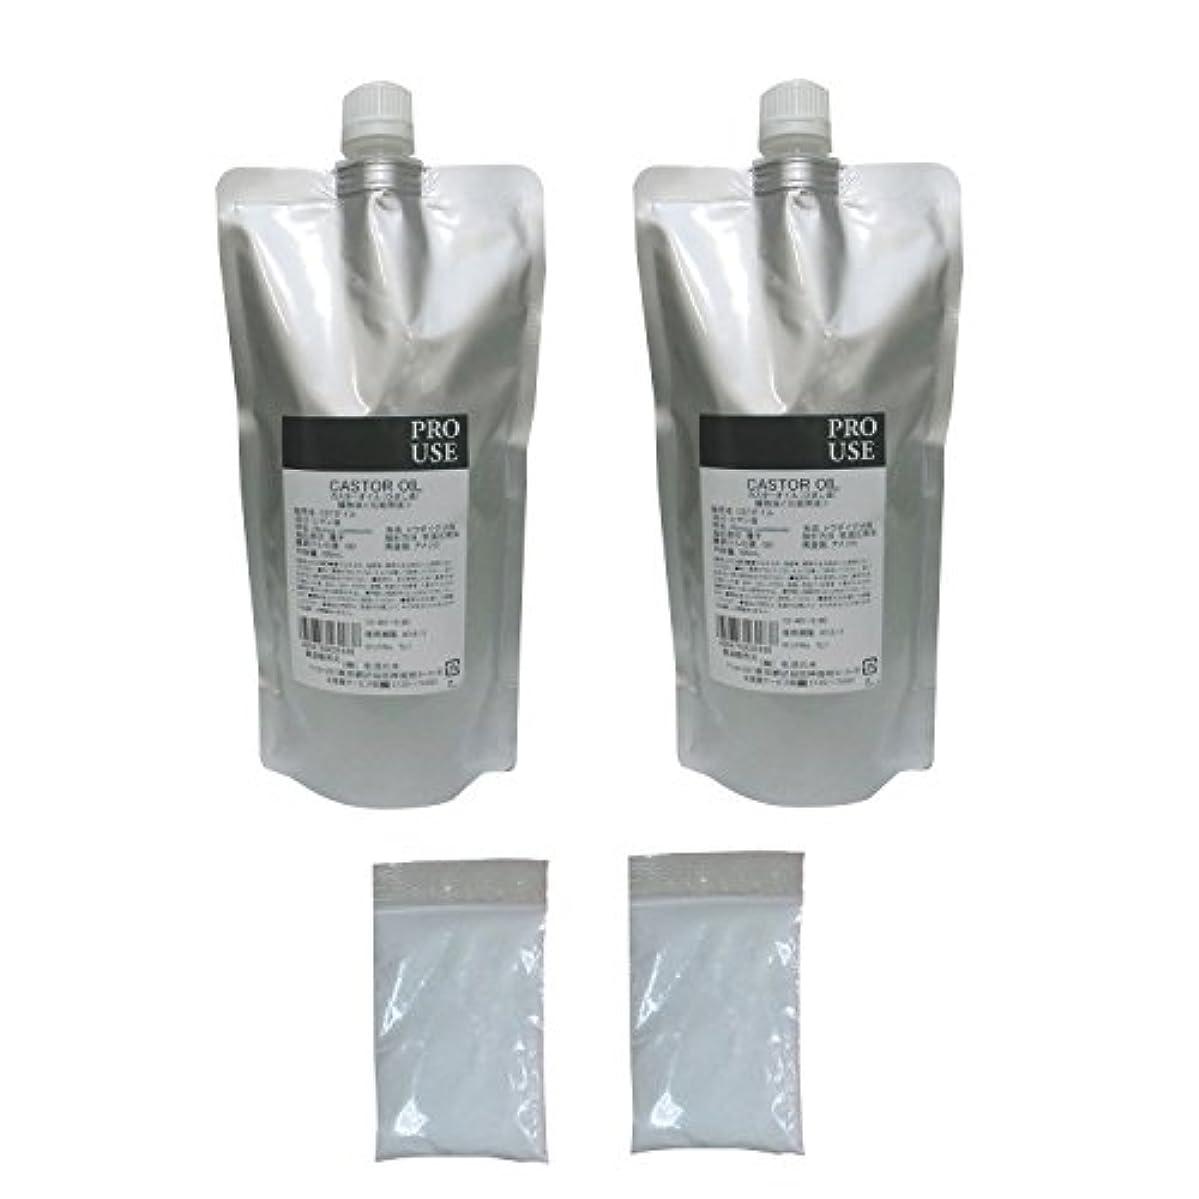 おんどりオープニング医薬品カスターオイル ひまし油500ml 2個組 (重層2袋付)